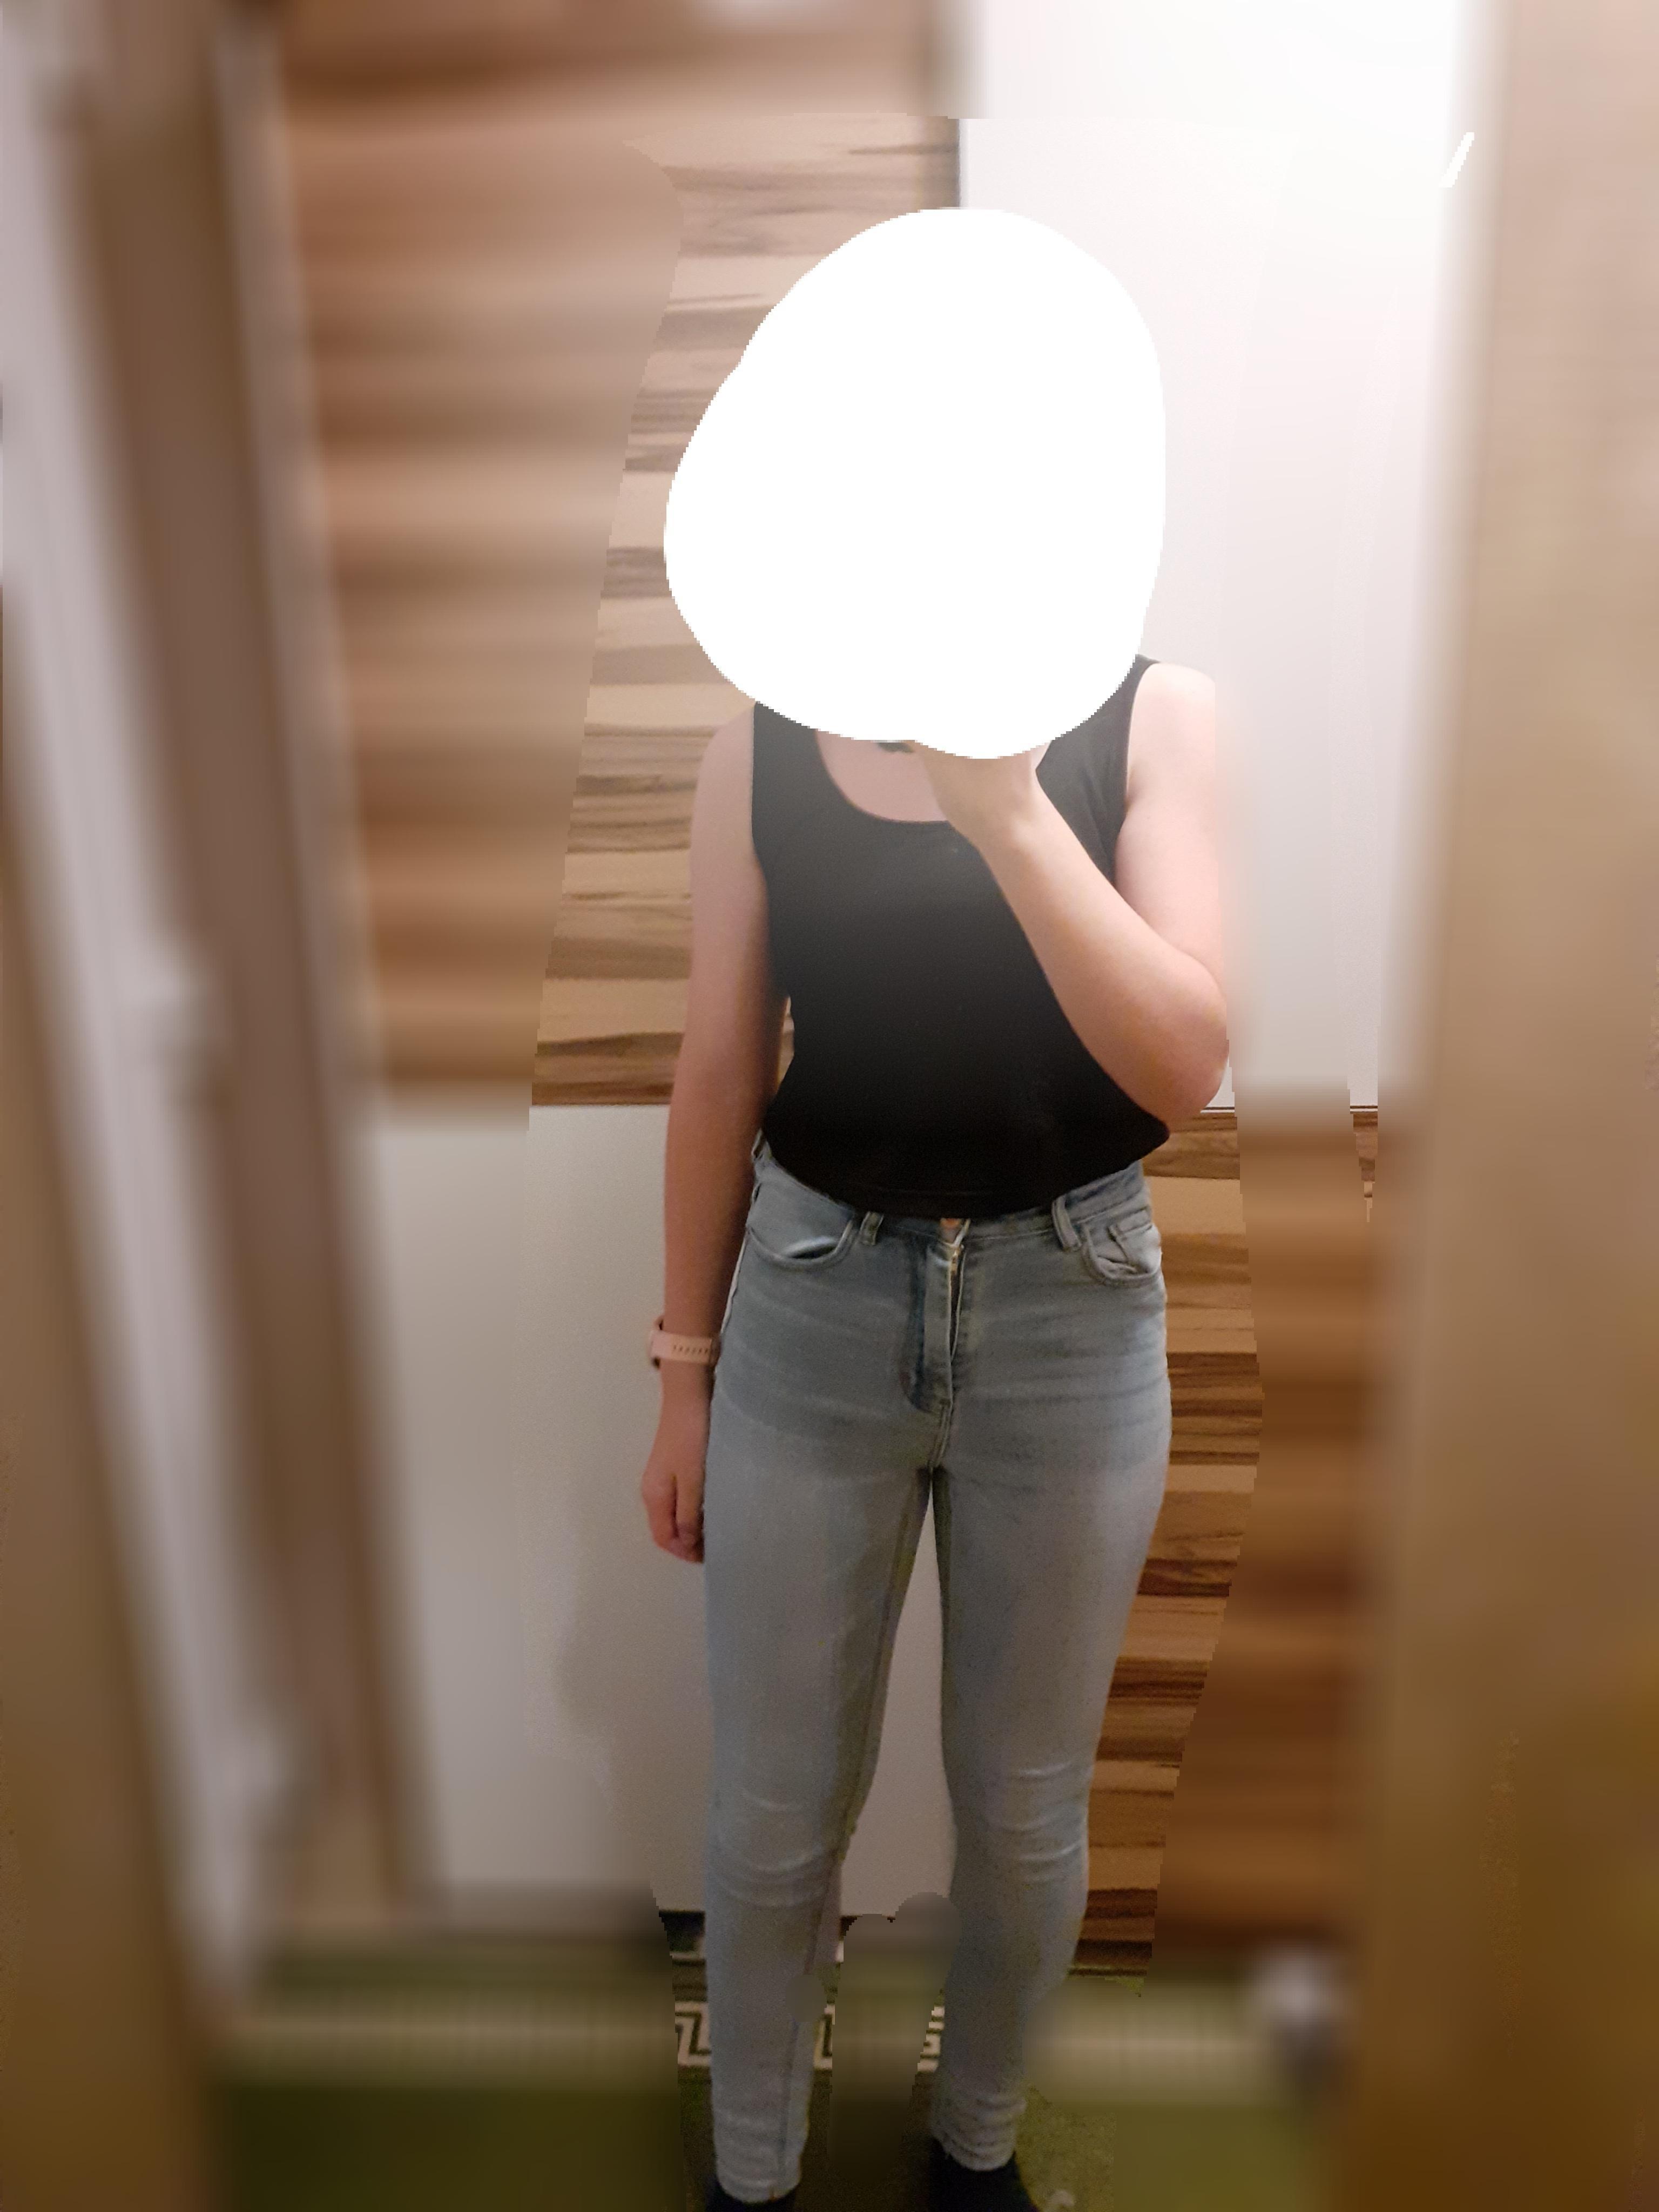 Bin ich zu dick? (Körper, Umfrage, Gewicht)